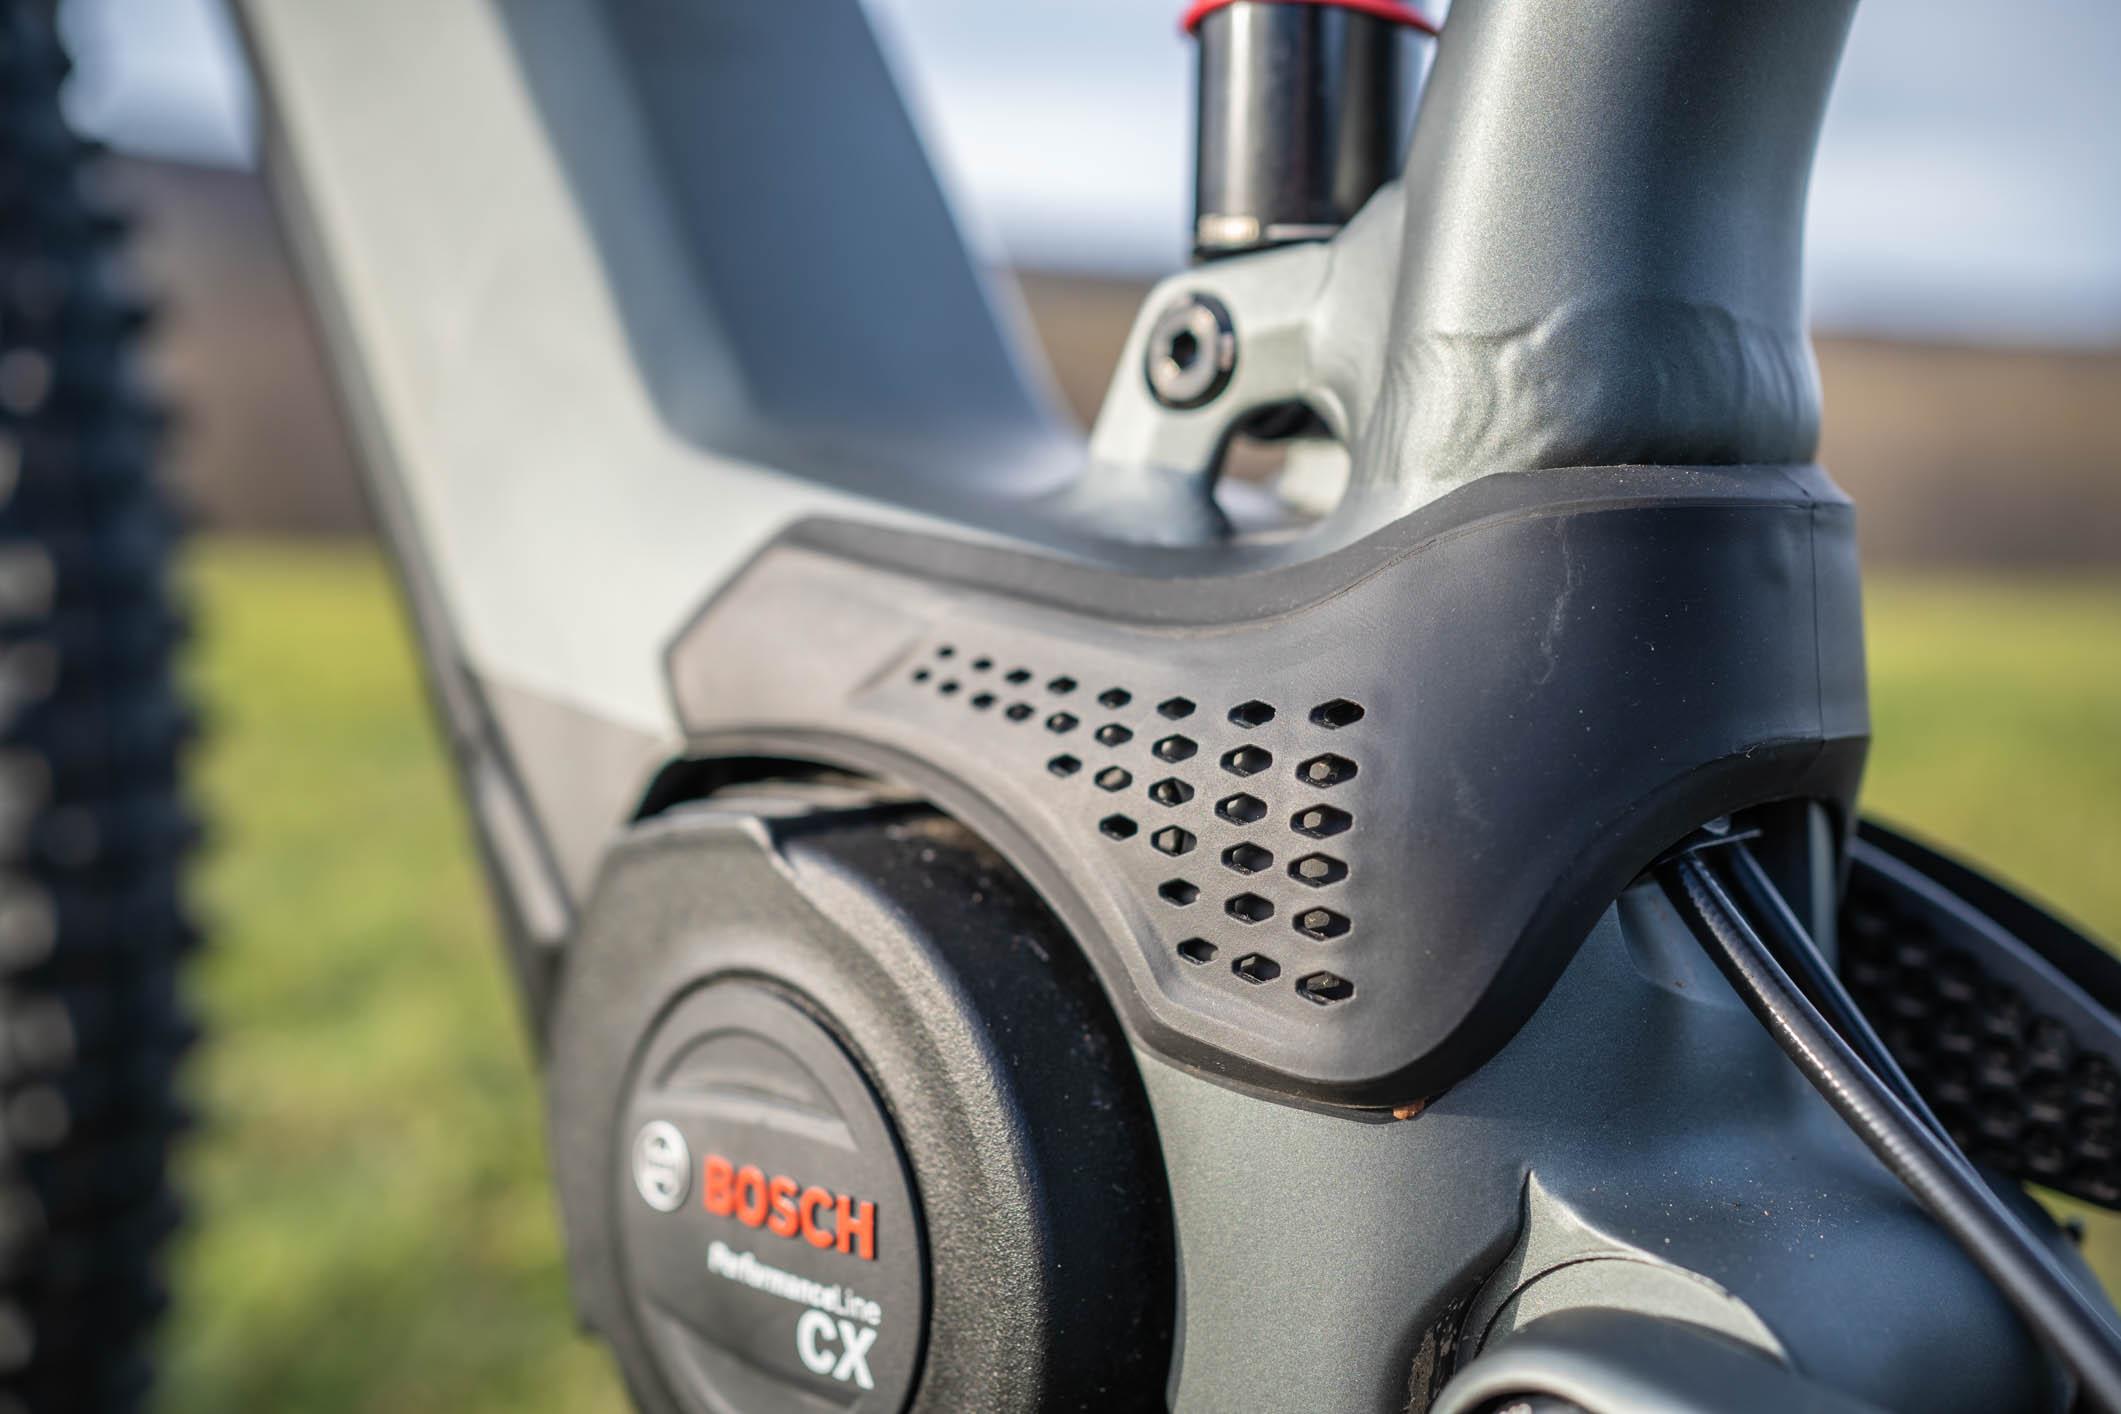 Les ouies d'aération réparties de parte et d'autre du cadre permettent de refroidir le moteur Bosch Performance CX.